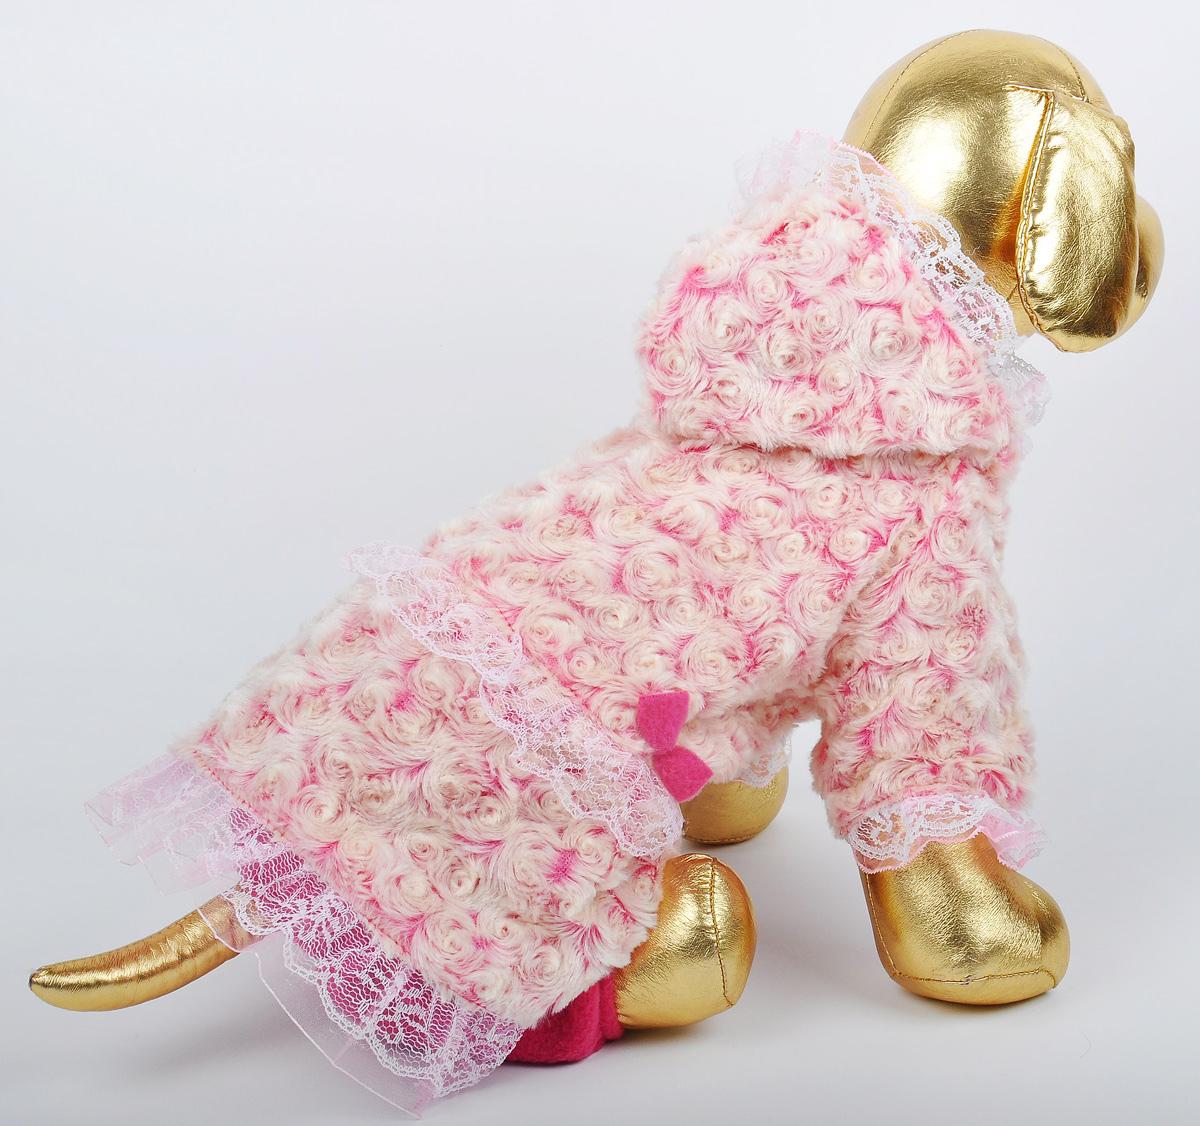 Шубка для собак GLG, цвет: розовый. Размер LК-1033Шубка для собак GLG выполнена из полиэстера и синтепона. Длинные рукава не ограничивают свободу движений, и собачка будет чувствовать себя в нем комфортно. Изделие застегивается с помощью кнопок..Модная и невероятно удобная шубка защитит вашего питомца от прохладной погоды .Длина спины: 28-30 см Обхват груди: 43-45 см.